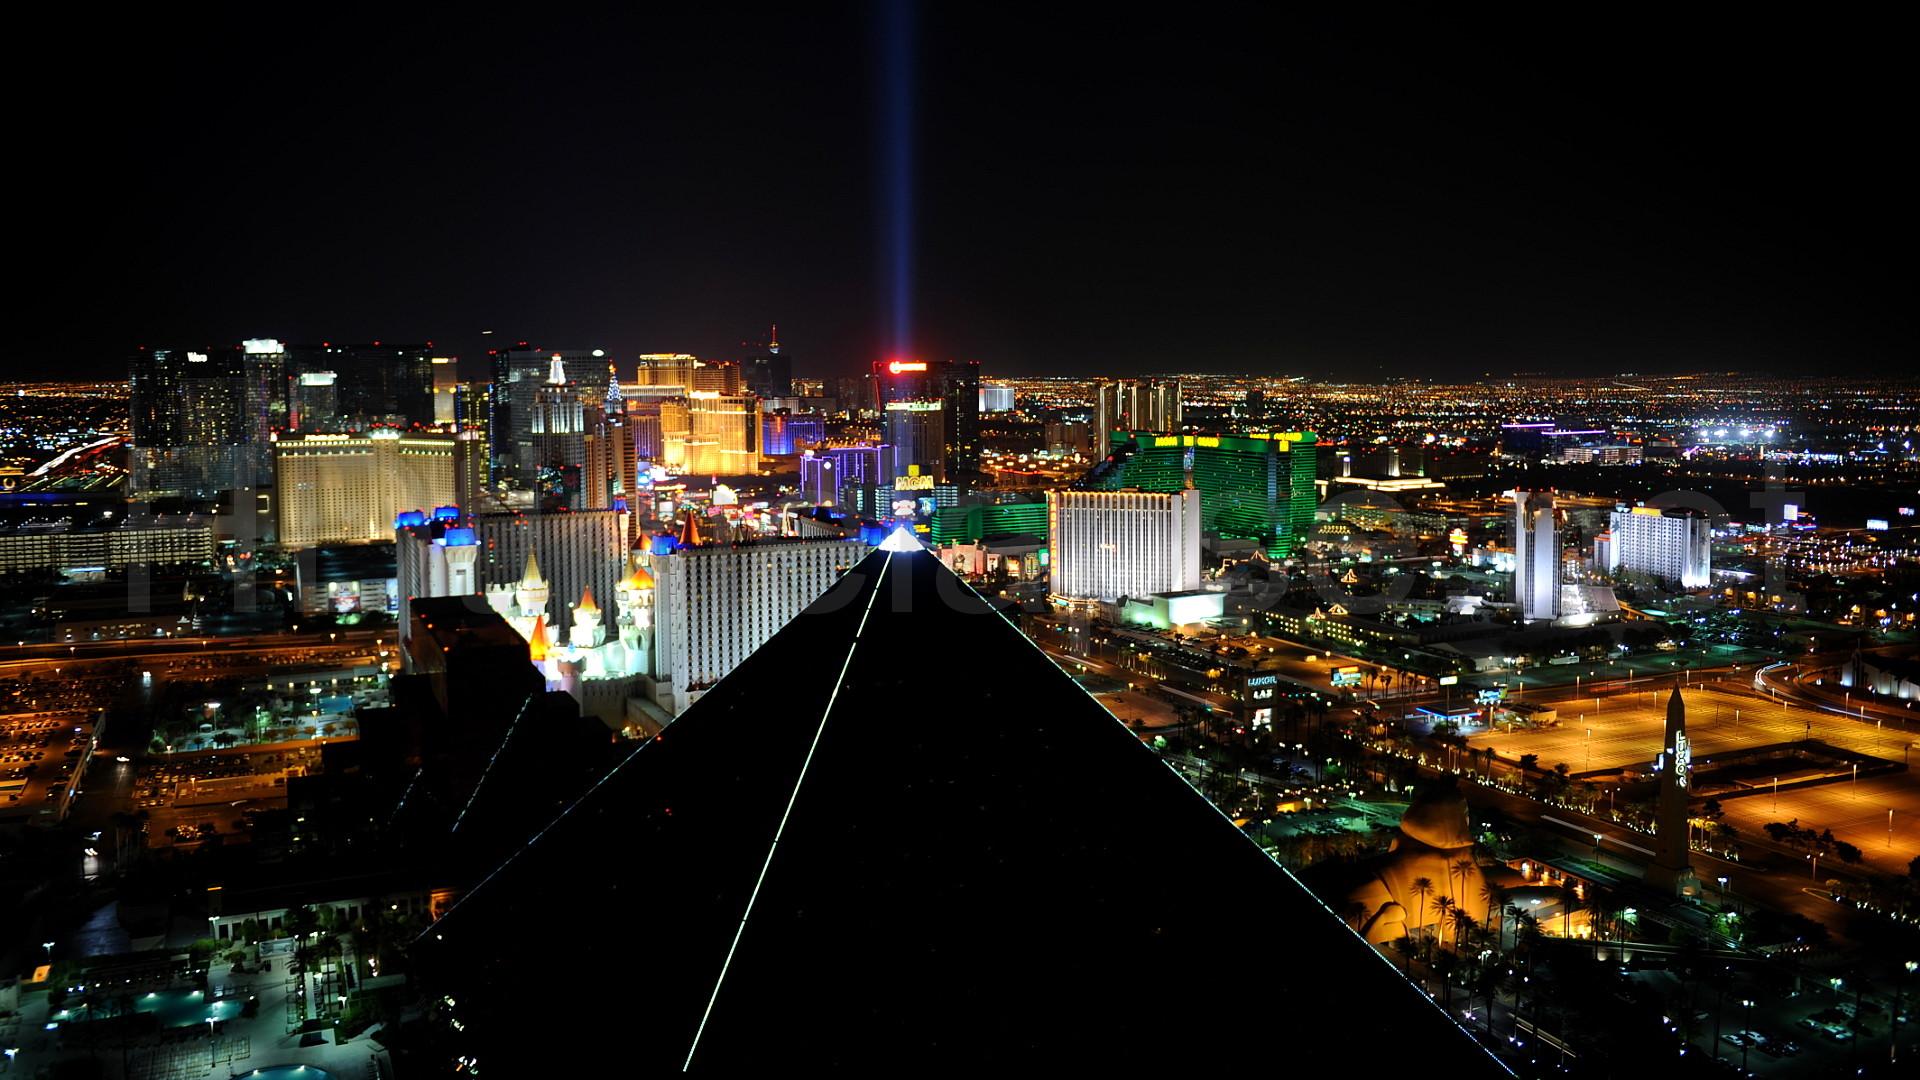 Las Vegas Strip Hd Wallpaper Las Vegas Background Pictures 65 Images